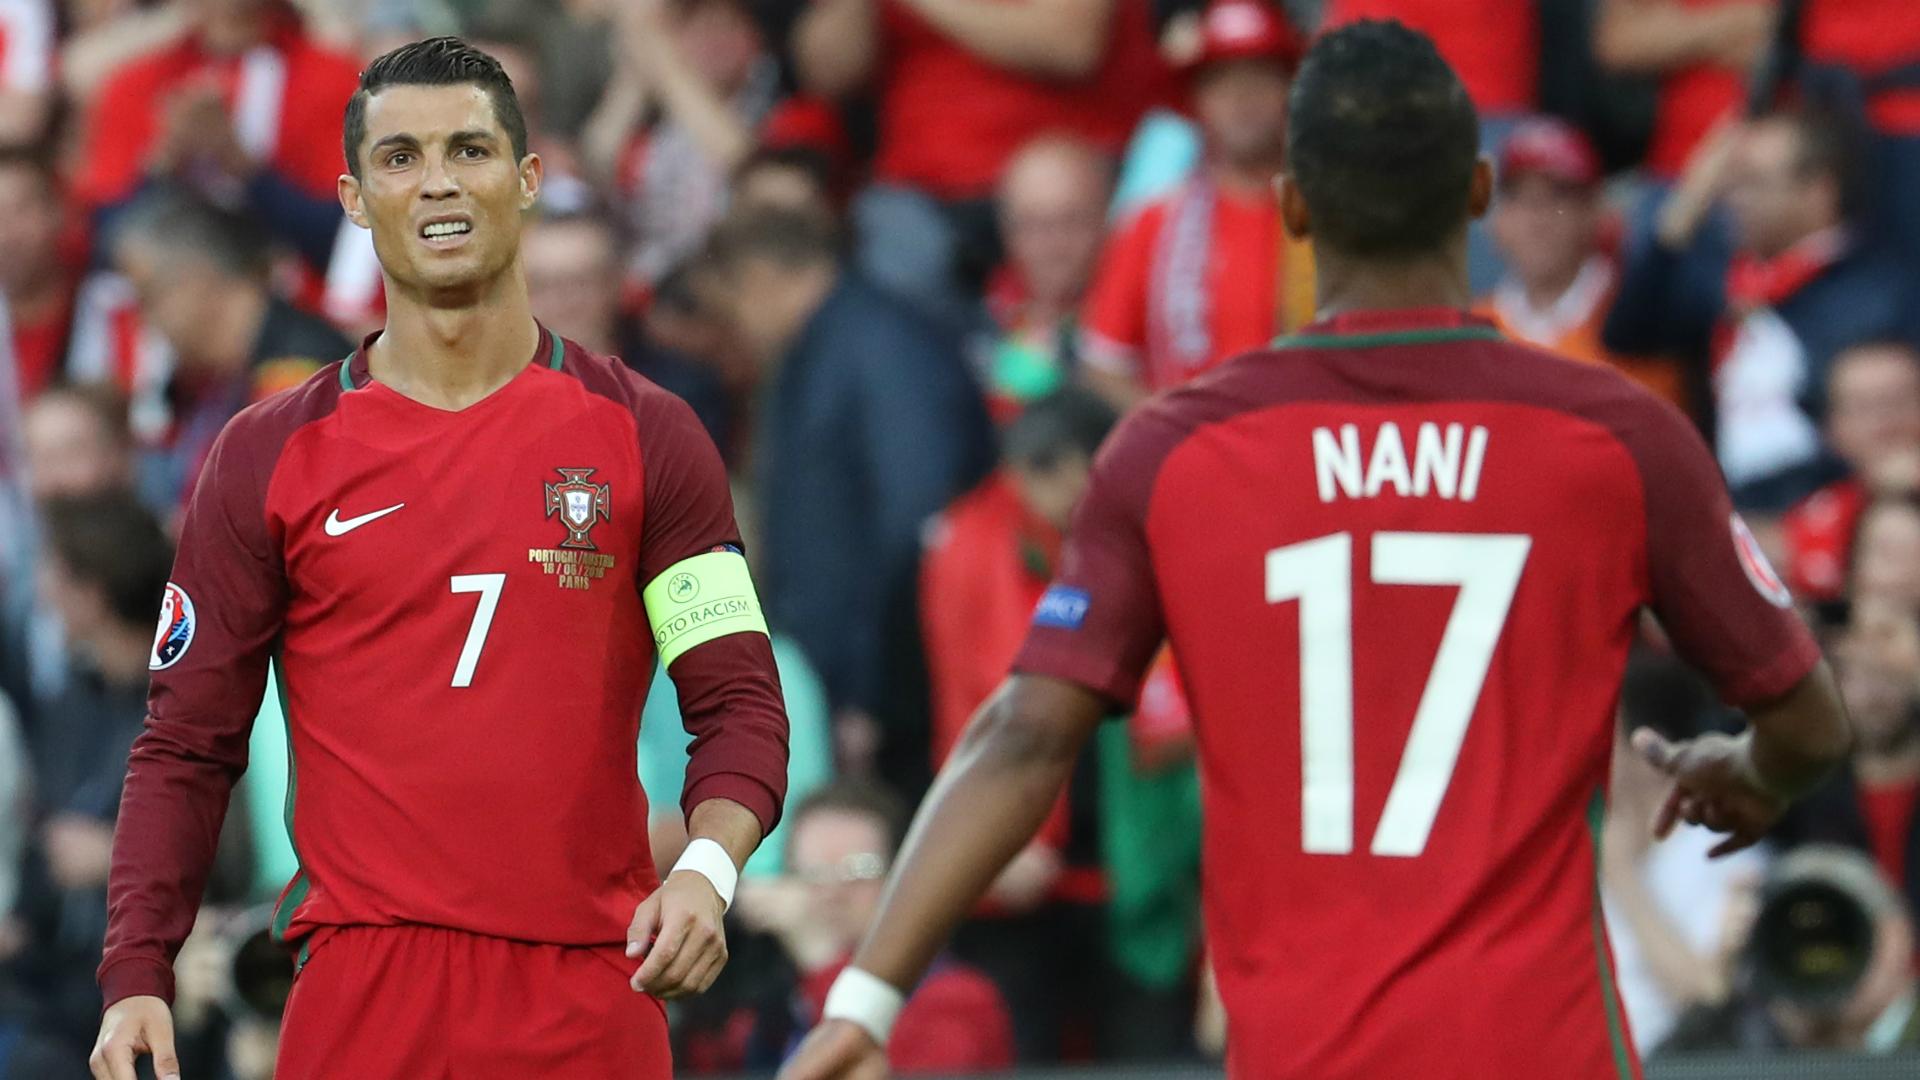 تصفيات مونديال 2018.. رونالدو خارج تشكيلة منتخب البرتغال أمام سويسرا